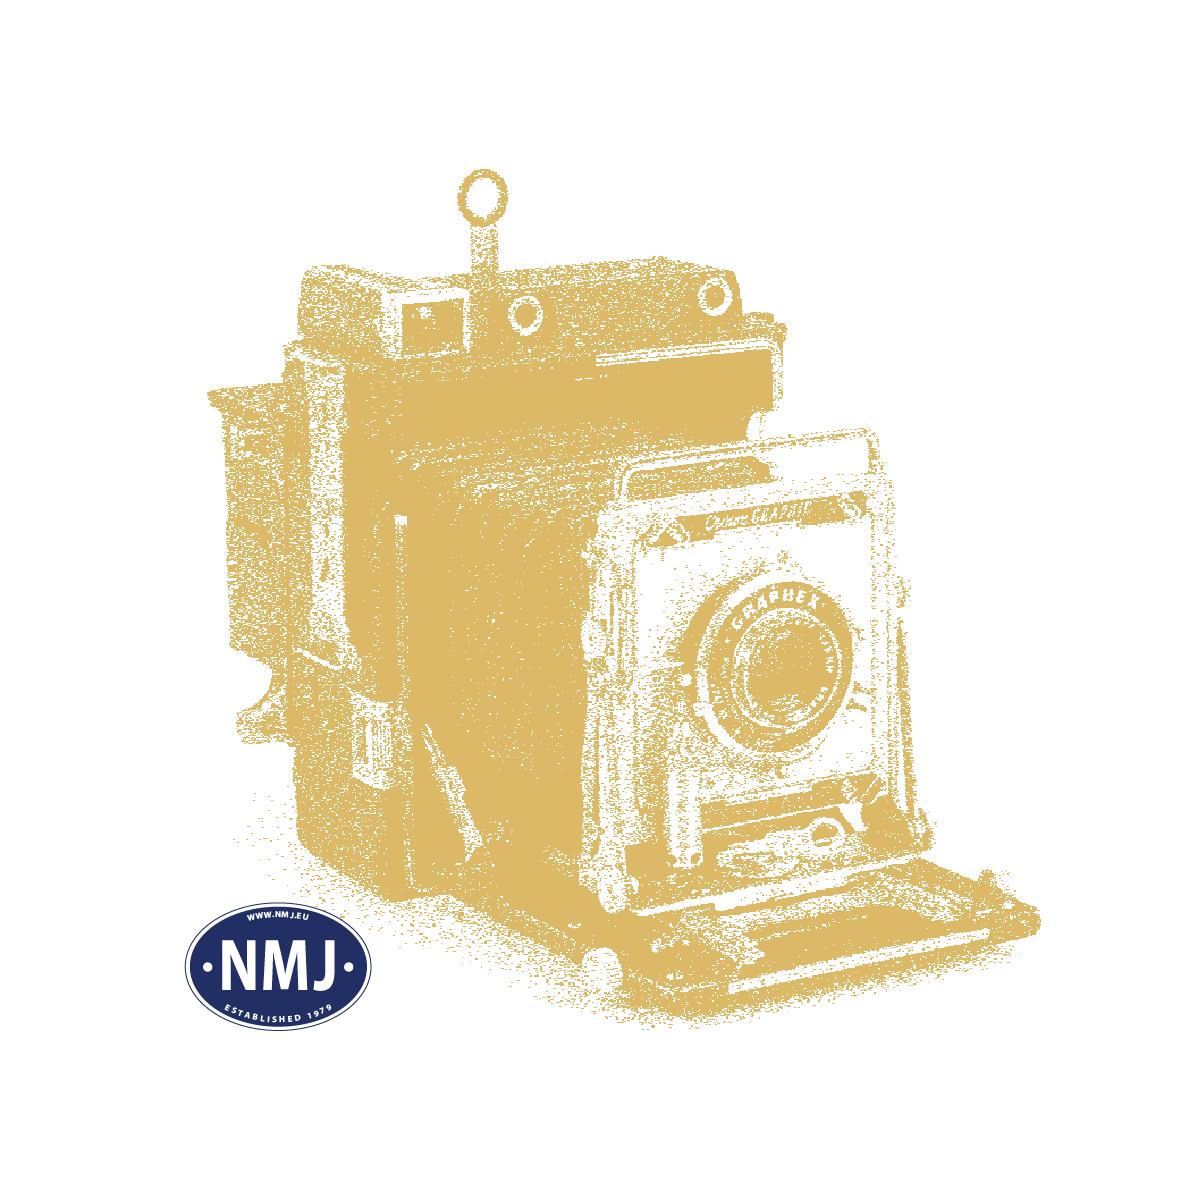 NMJT83.990 - NMJ Topline Hauptplatine Skd 224  mit eingebauten DCC Decoder-Kondensator